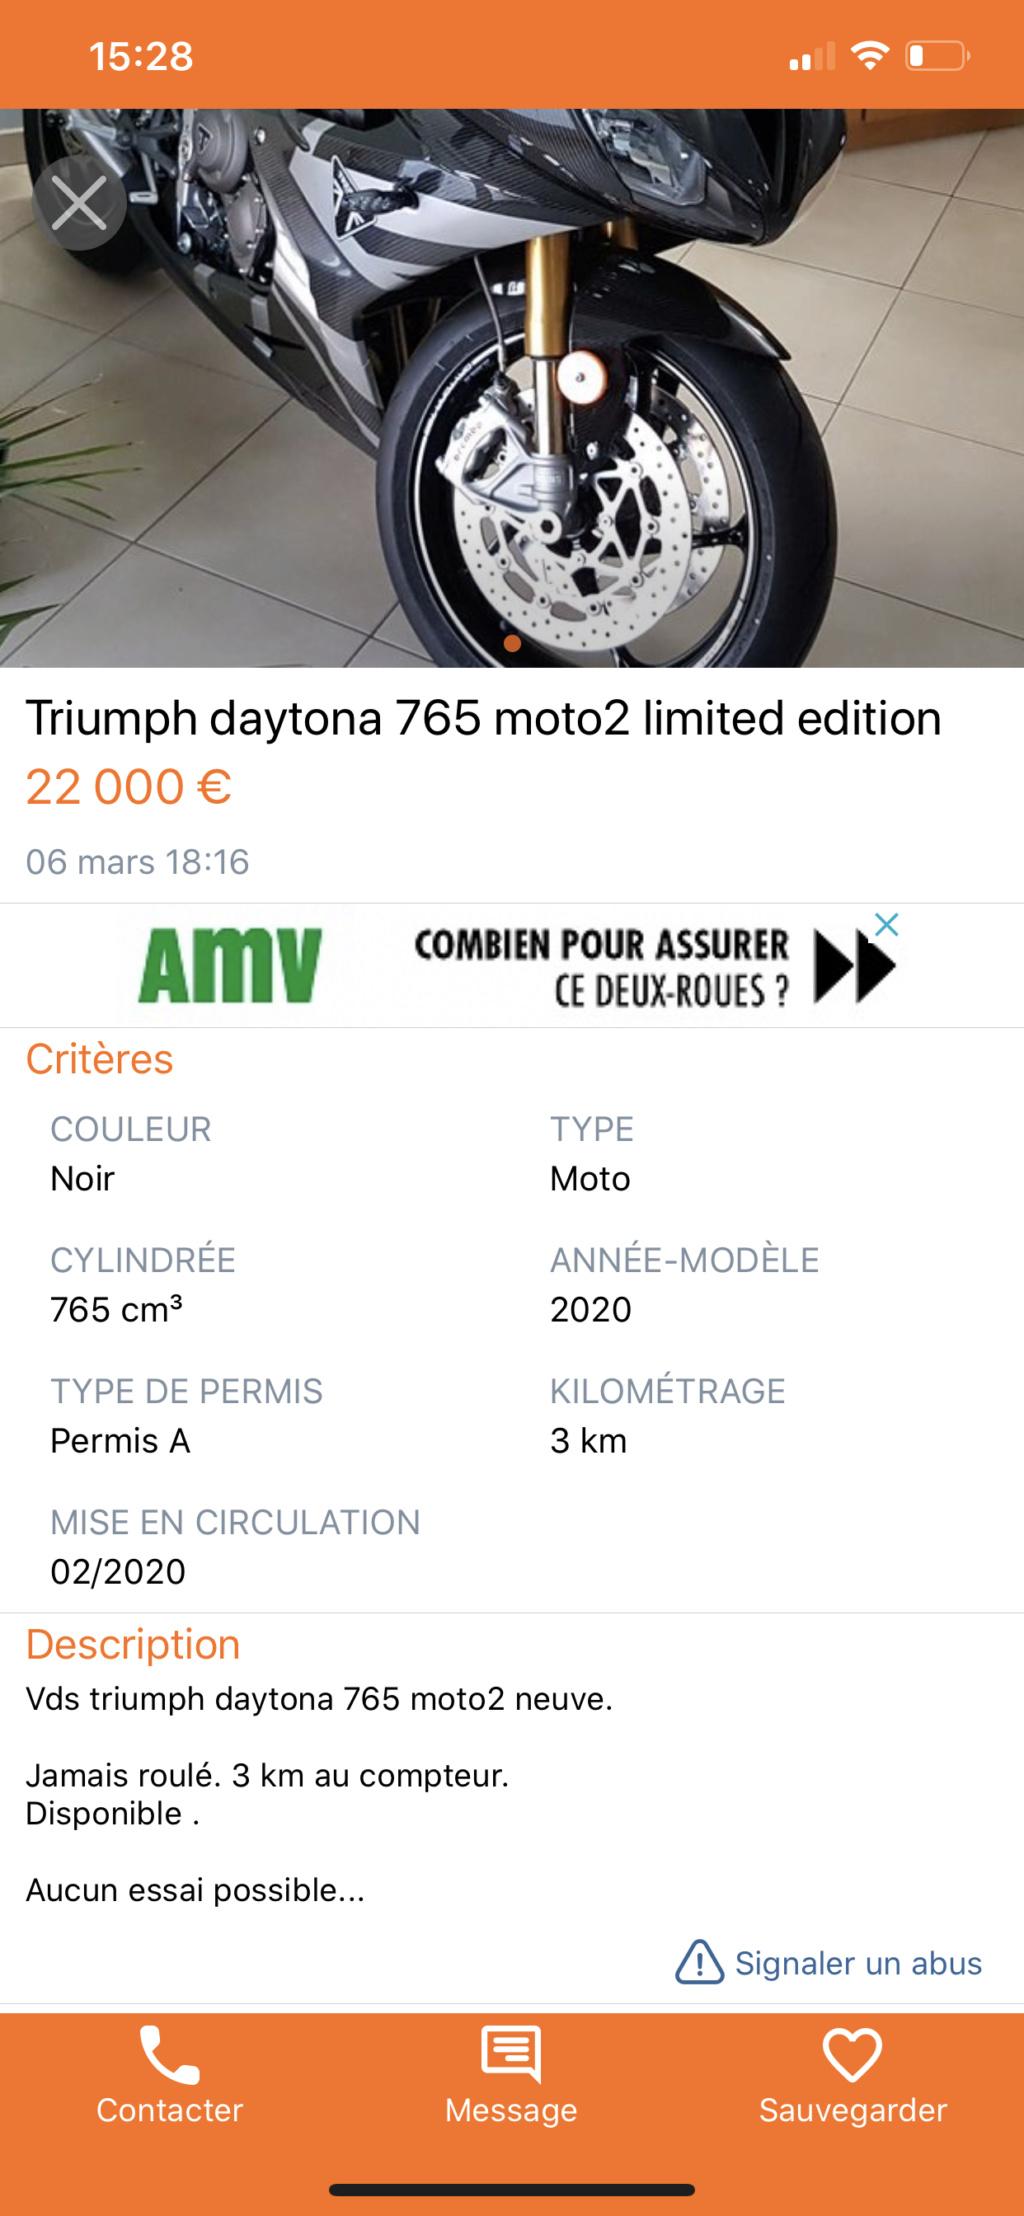 """Les annonces """"branlette"""" sur leboncoin... A73f5e10"""